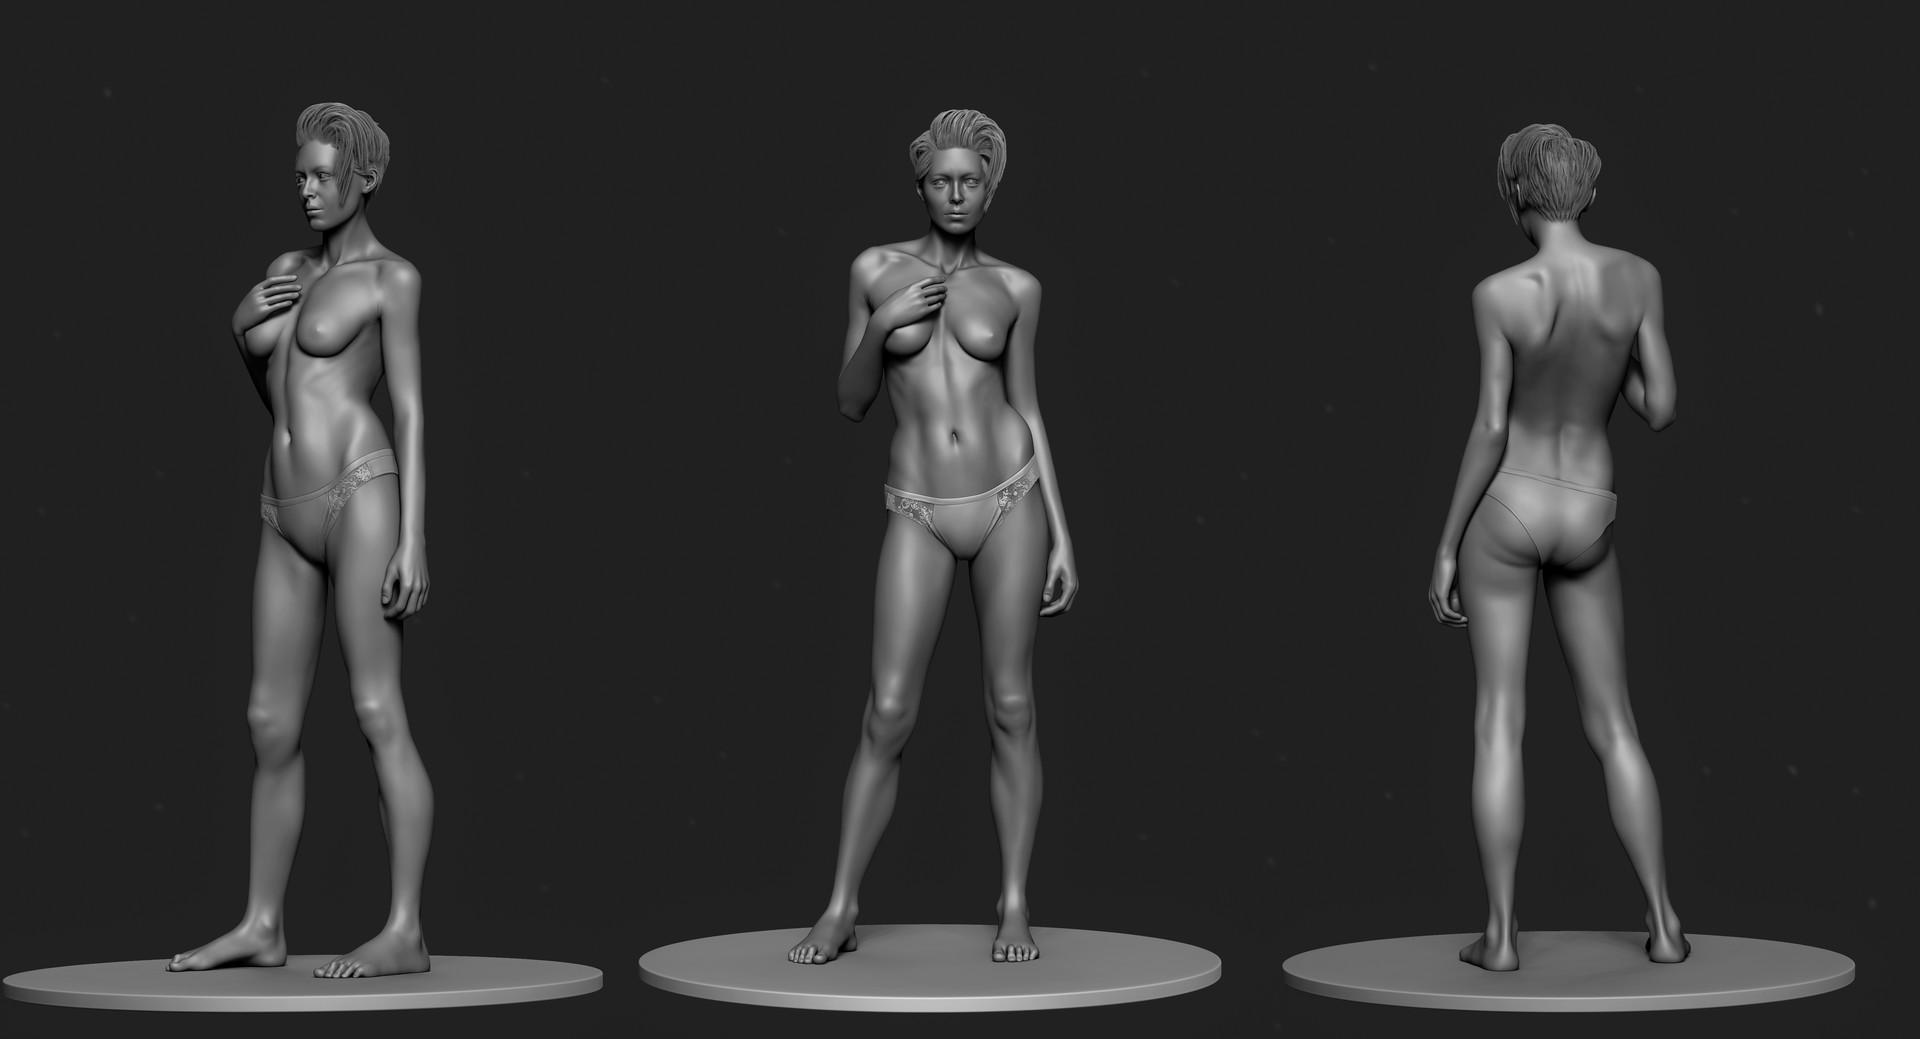 ArtStation - Female anatomy study, Serhii Khomenko